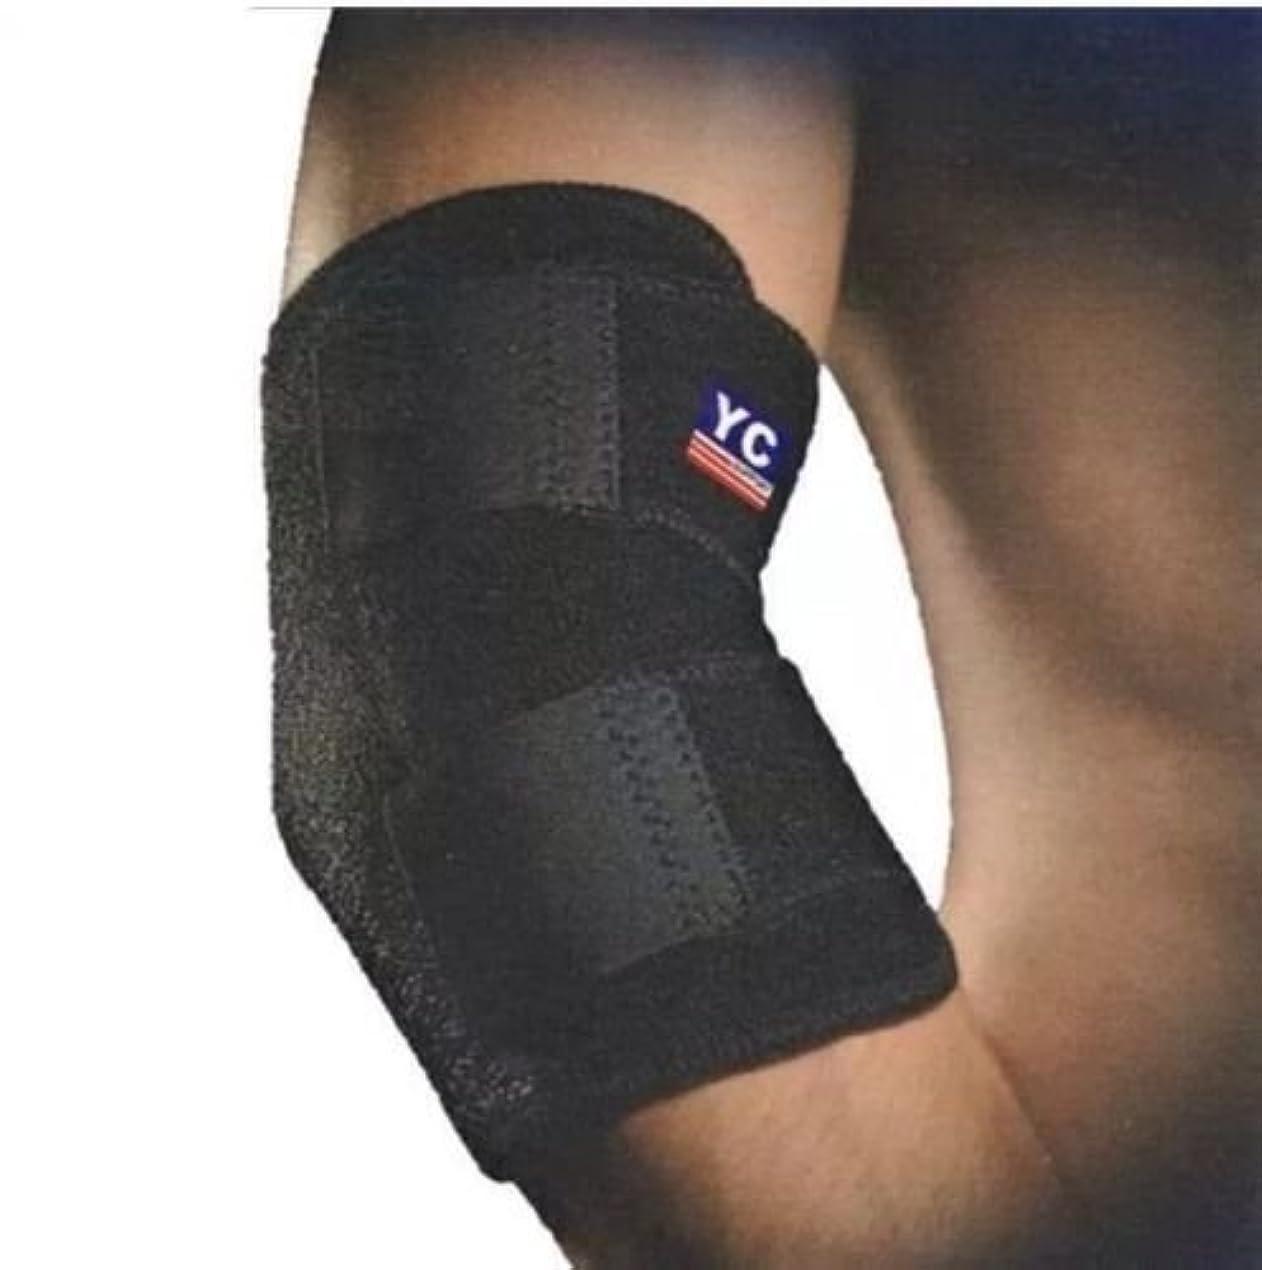 トースト全能カンガルーネオプレン 調節可 肘サポート テニス 関節炎 巻き付け固定具 ジム スポーツ